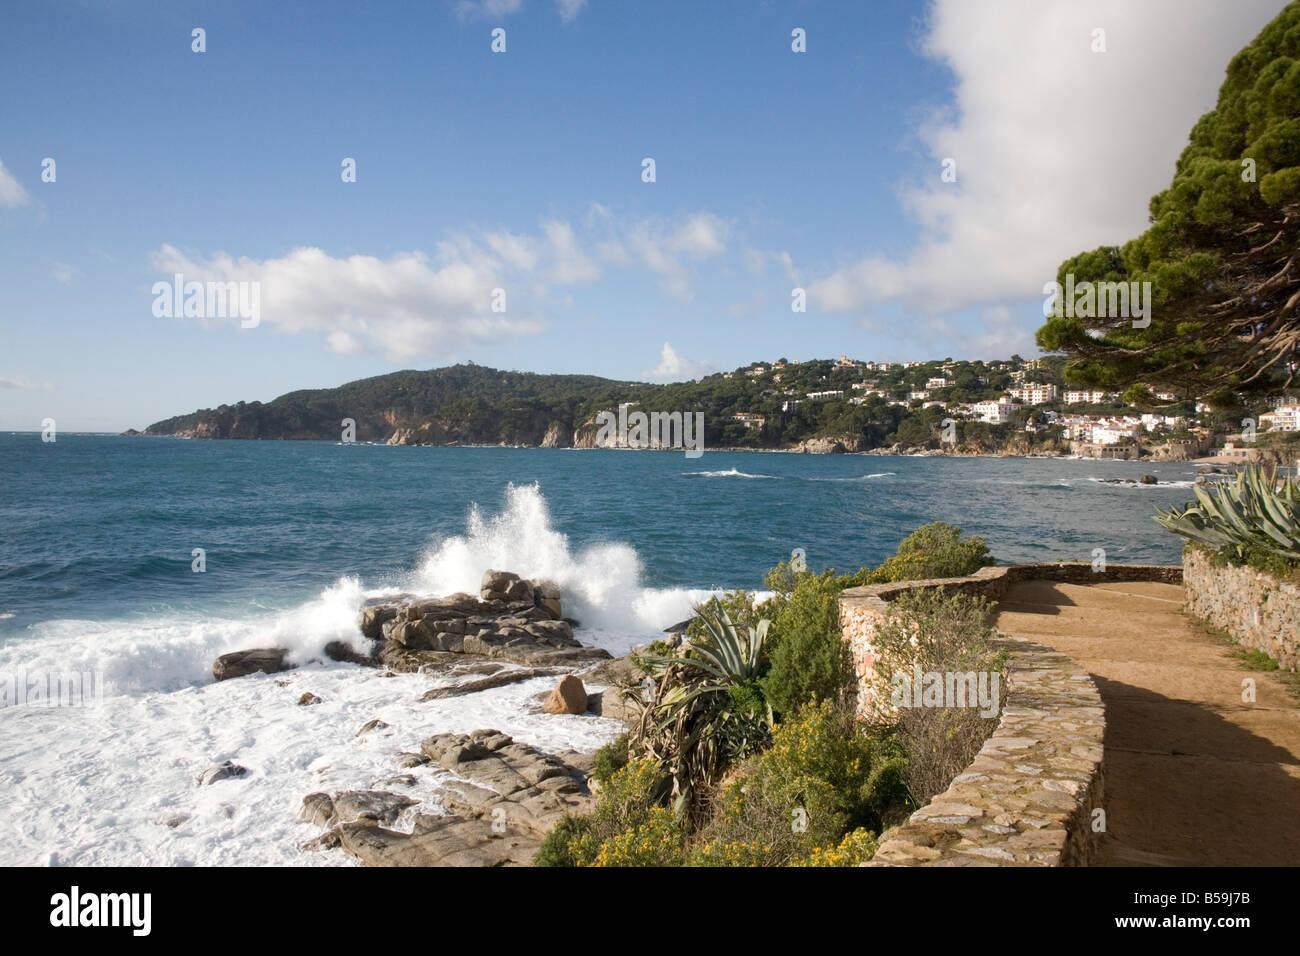 Cami de Ronda und der Küste zwischen Llafranc und Calella de Palfrugell Katalonien Spanien Stockbild